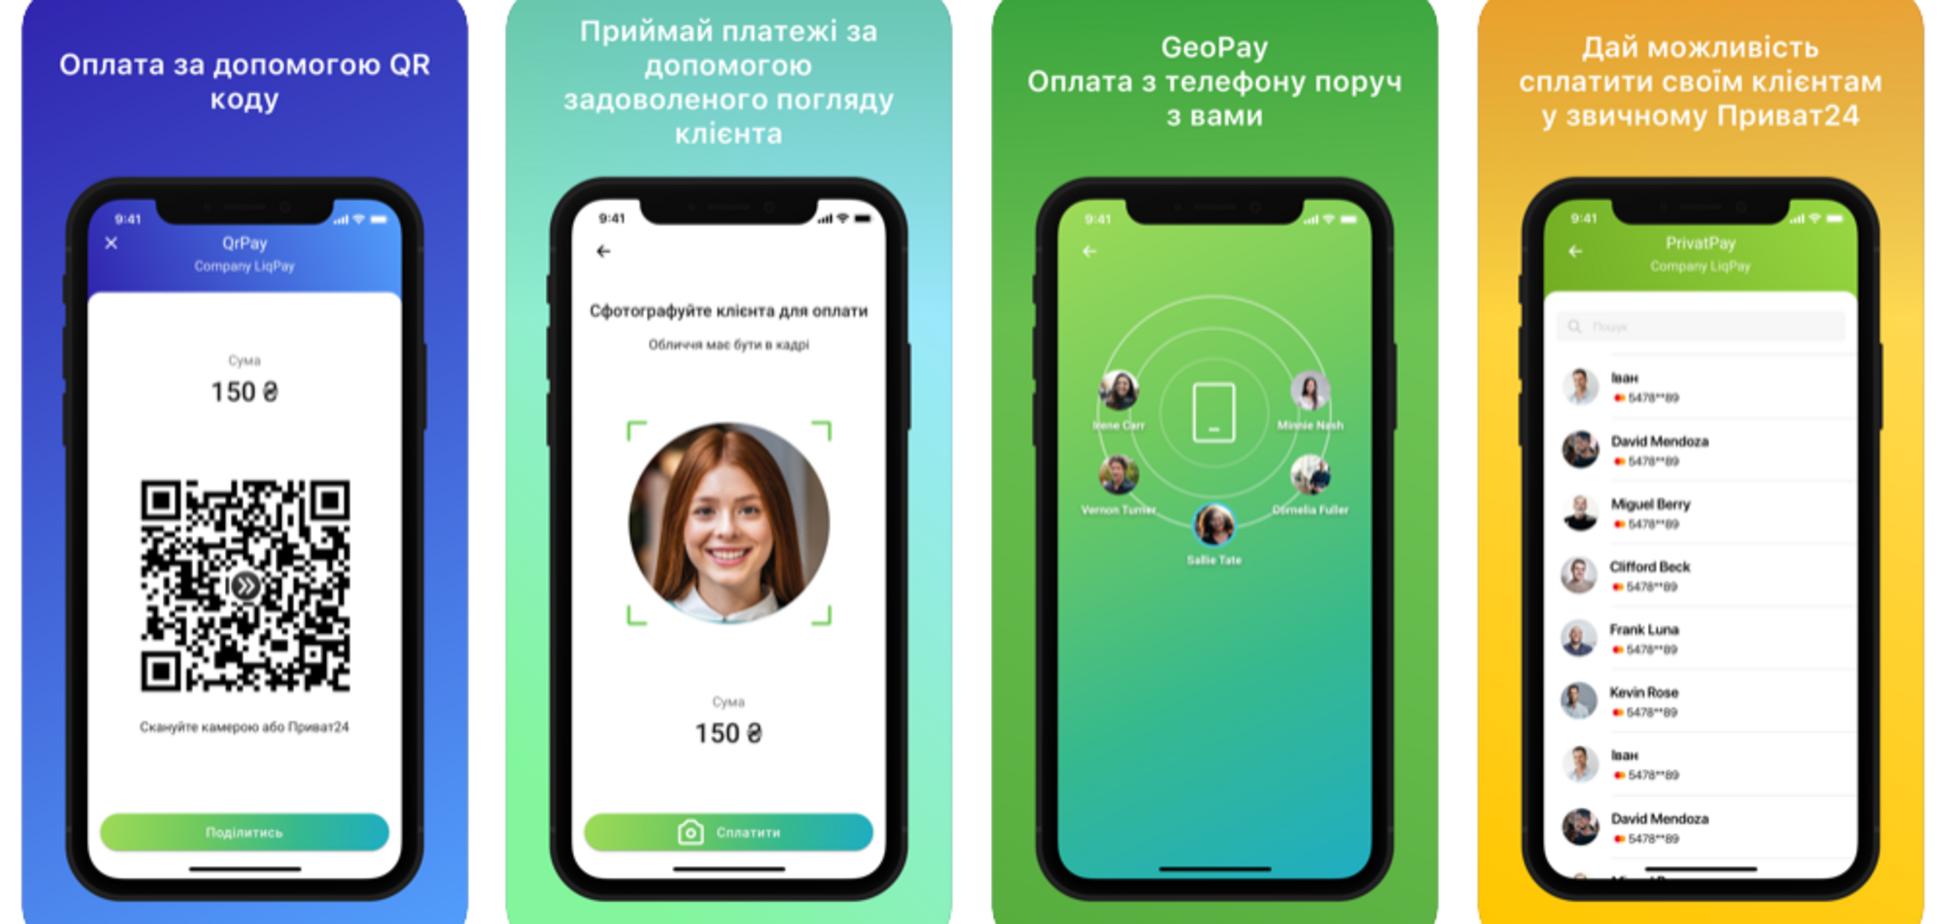 Оплатити за допомогою cелфі: як працює Liqpay від ПриватБанку